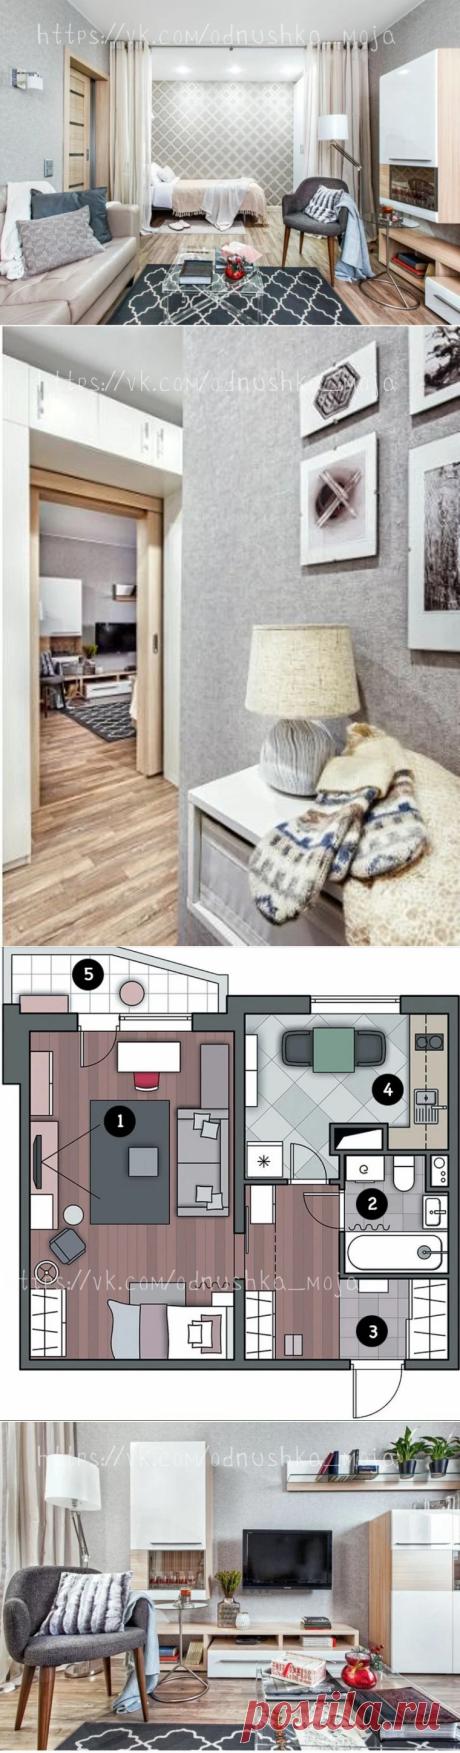 Уютность этой квартиры поражает. Интерьер однушки площадью 37 кв. м. Очень красиво, функционально и просторно.   Мамин дизайнер   Яндекс Дзен